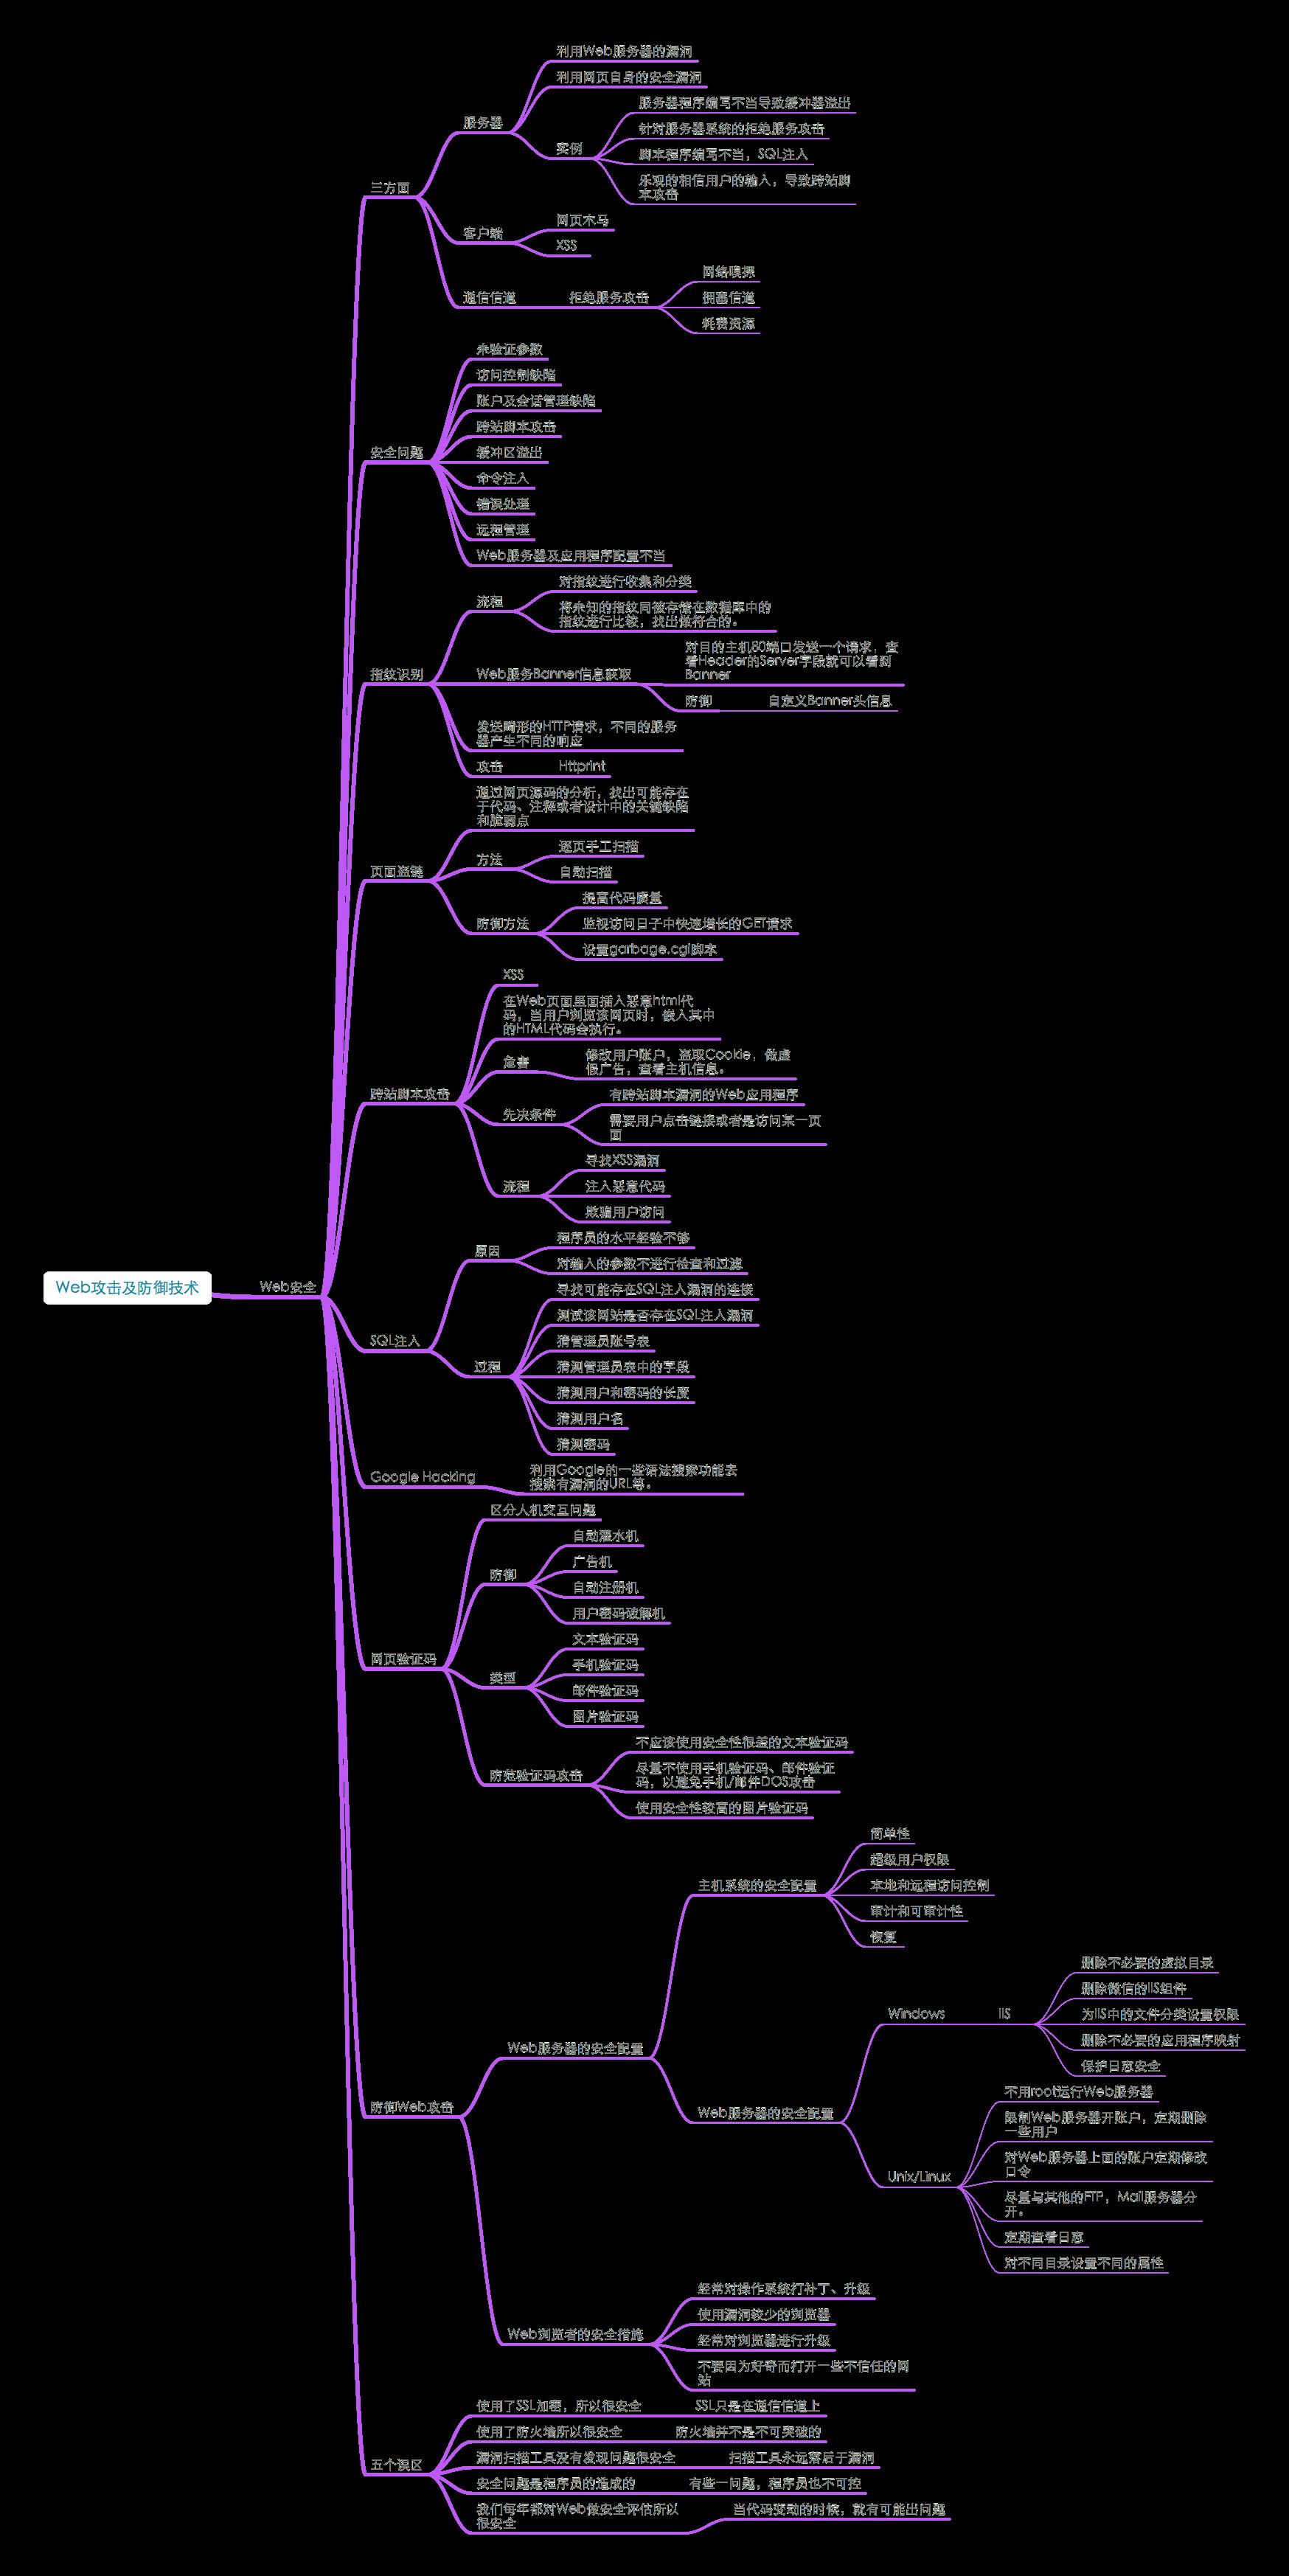 20180704_《网络安全思维导图》1.8Web攻击及防御技术.png